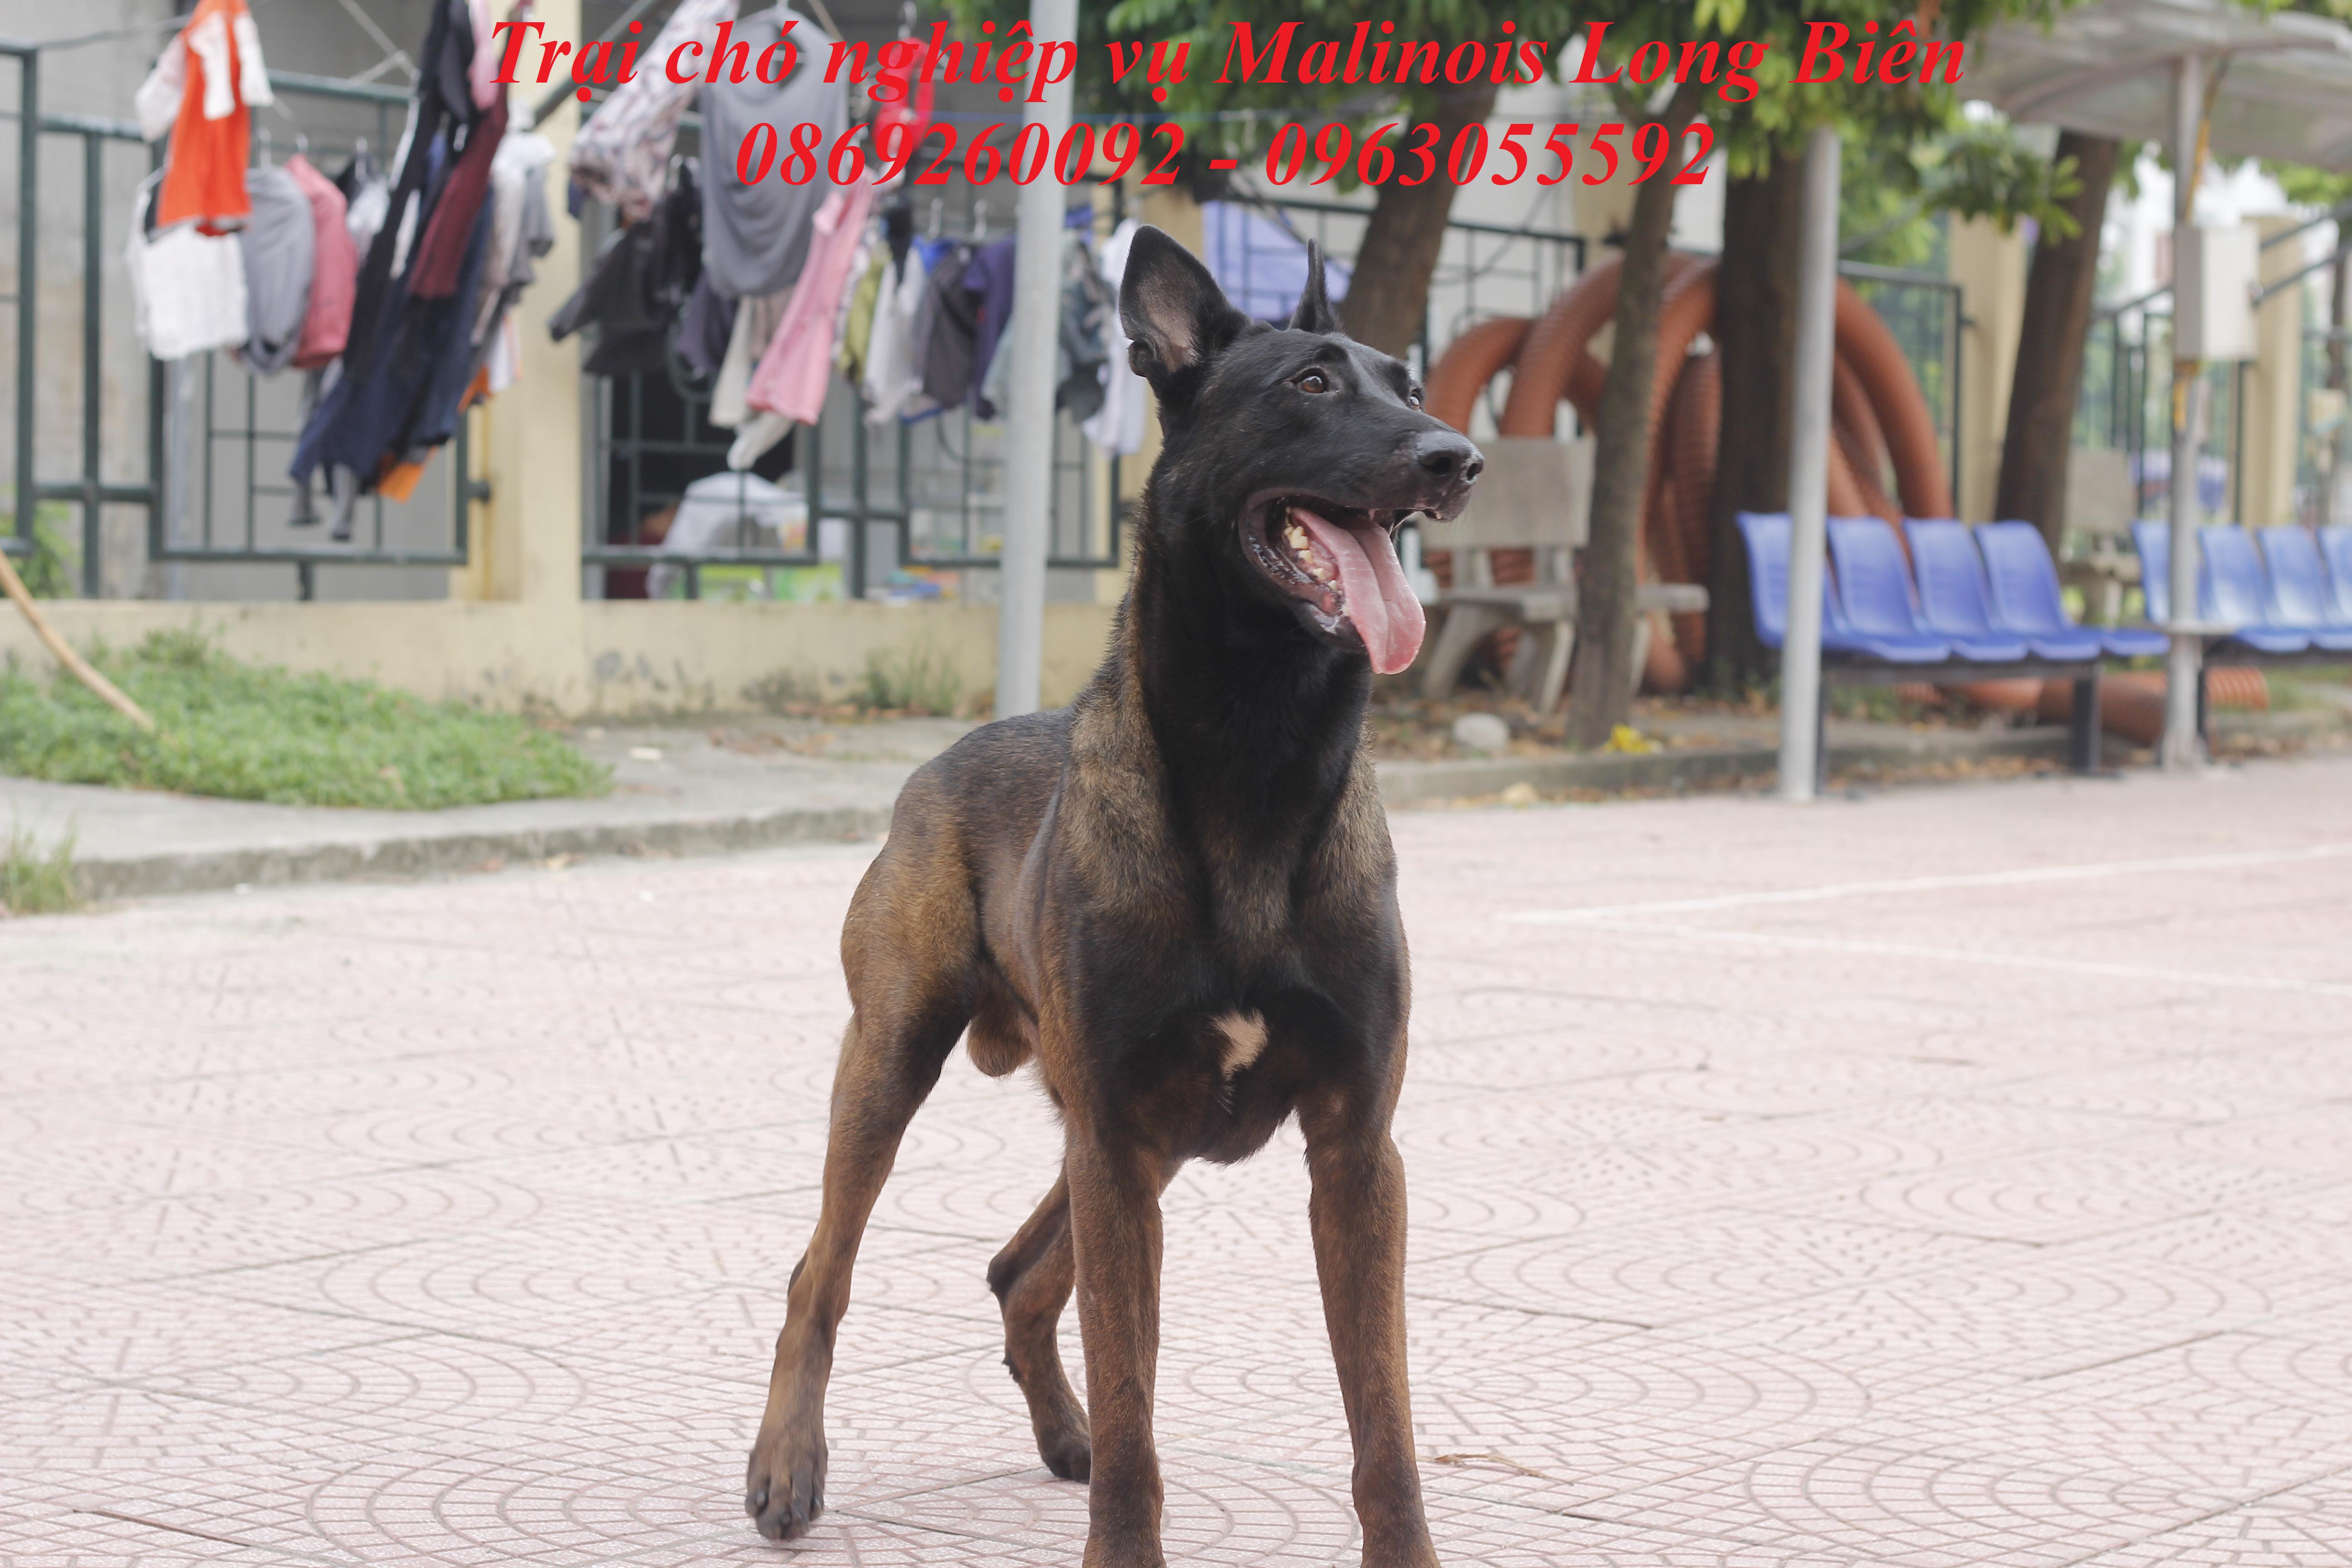 Chó Malinois Lobo nhập Mexico tại trại chó Malinois Long biên